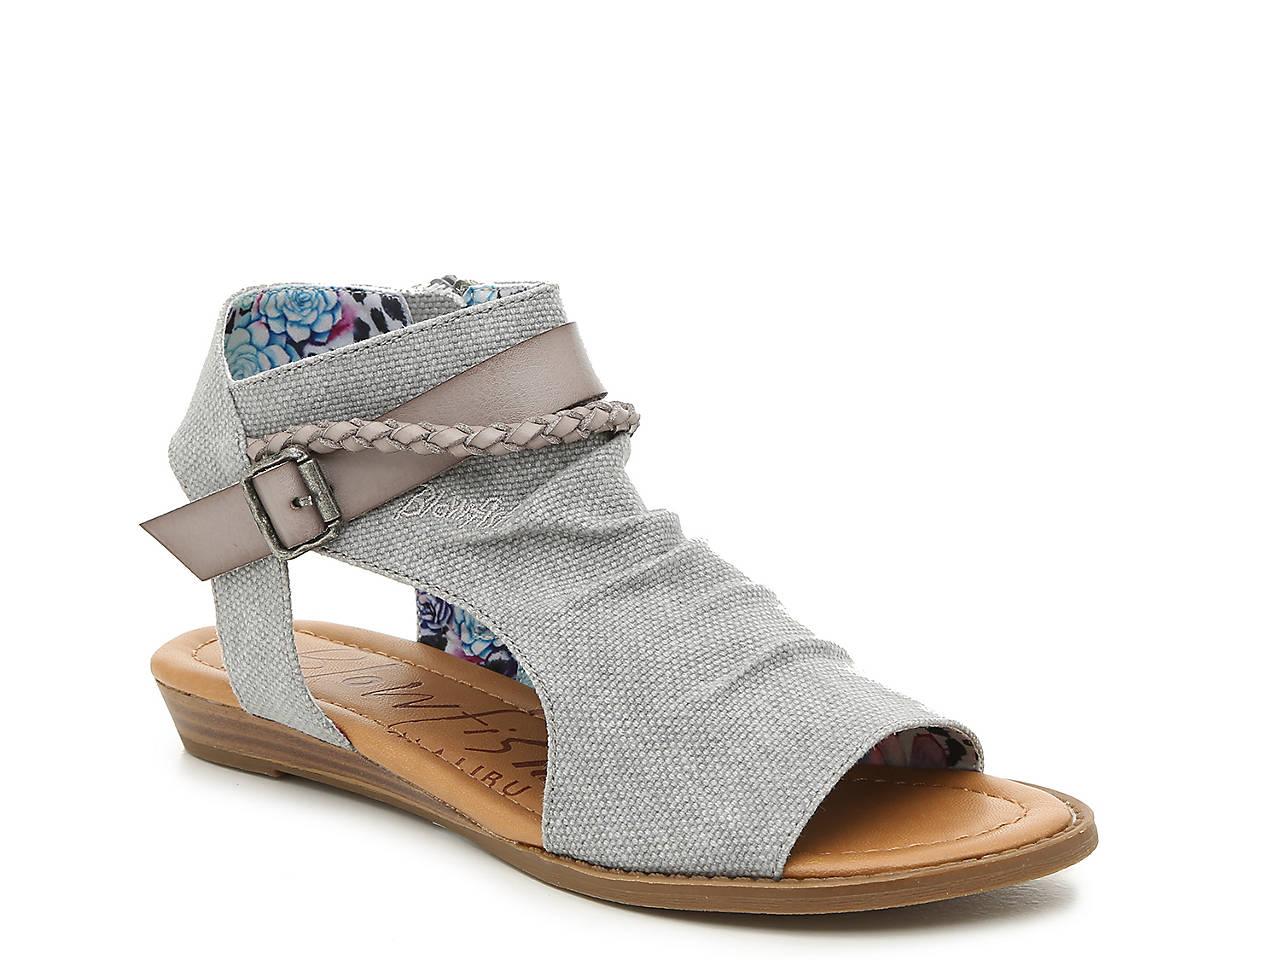 b4002c11ed8e Blowfish Bombtastic Wedge Sandal Women s Shoes